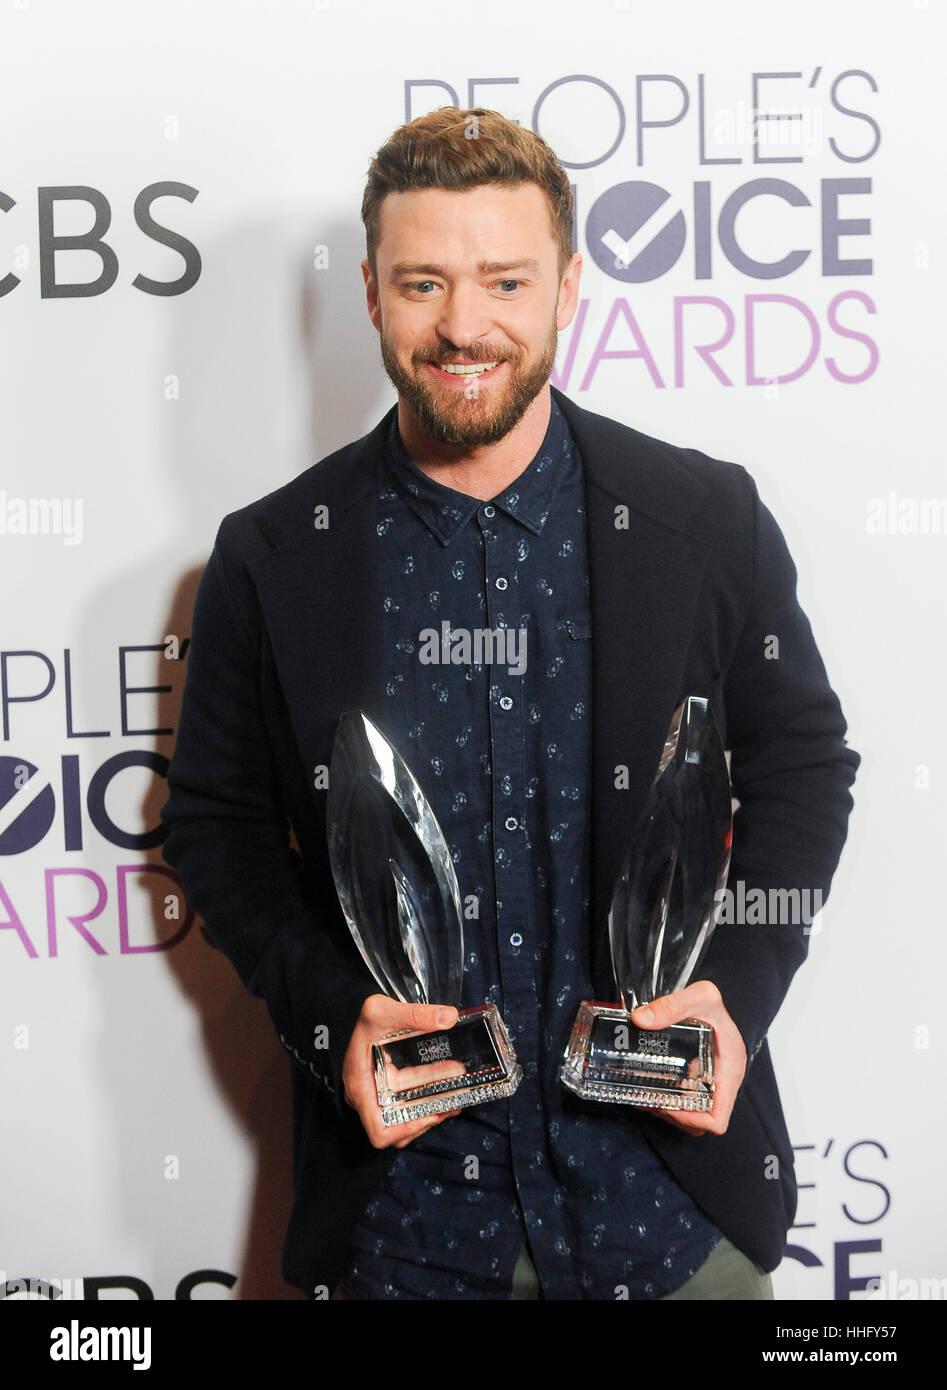 Los Angeles, USA. 18 janvier, 2017. Justin Timberlake pose avec les prix pour chanteur préféré et Photo Stock